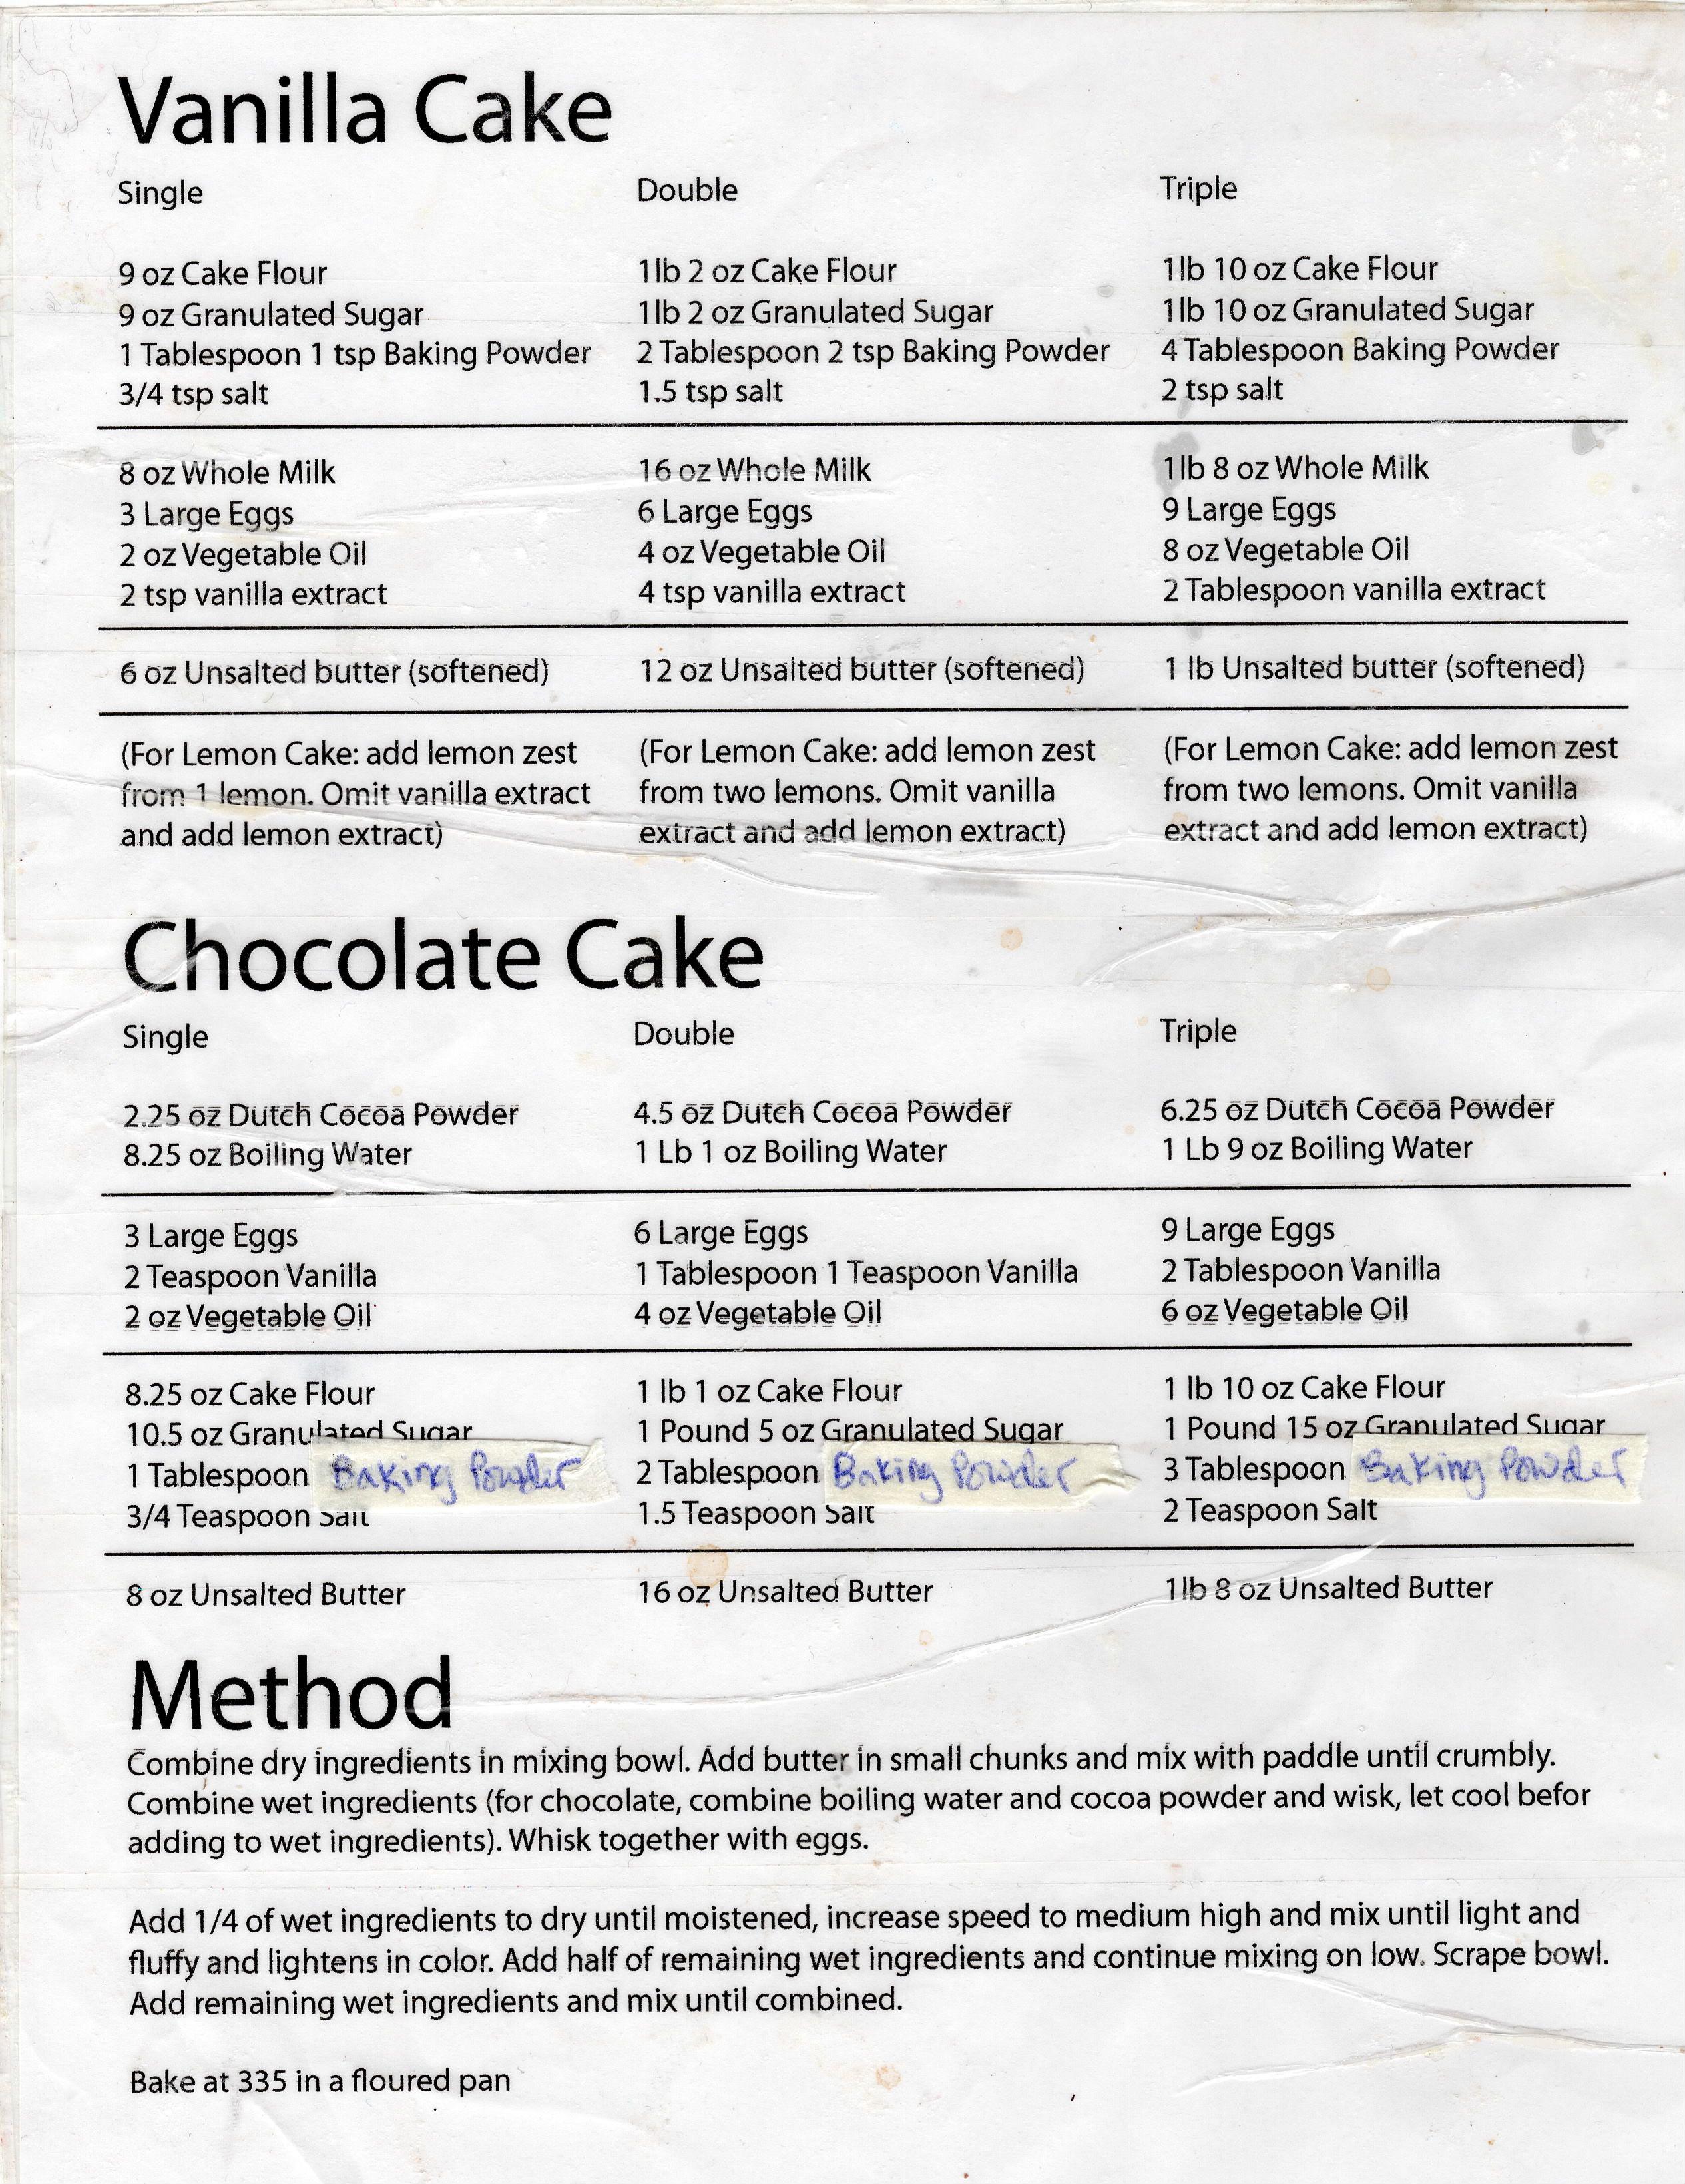 9 inch square vanilla cake recipe